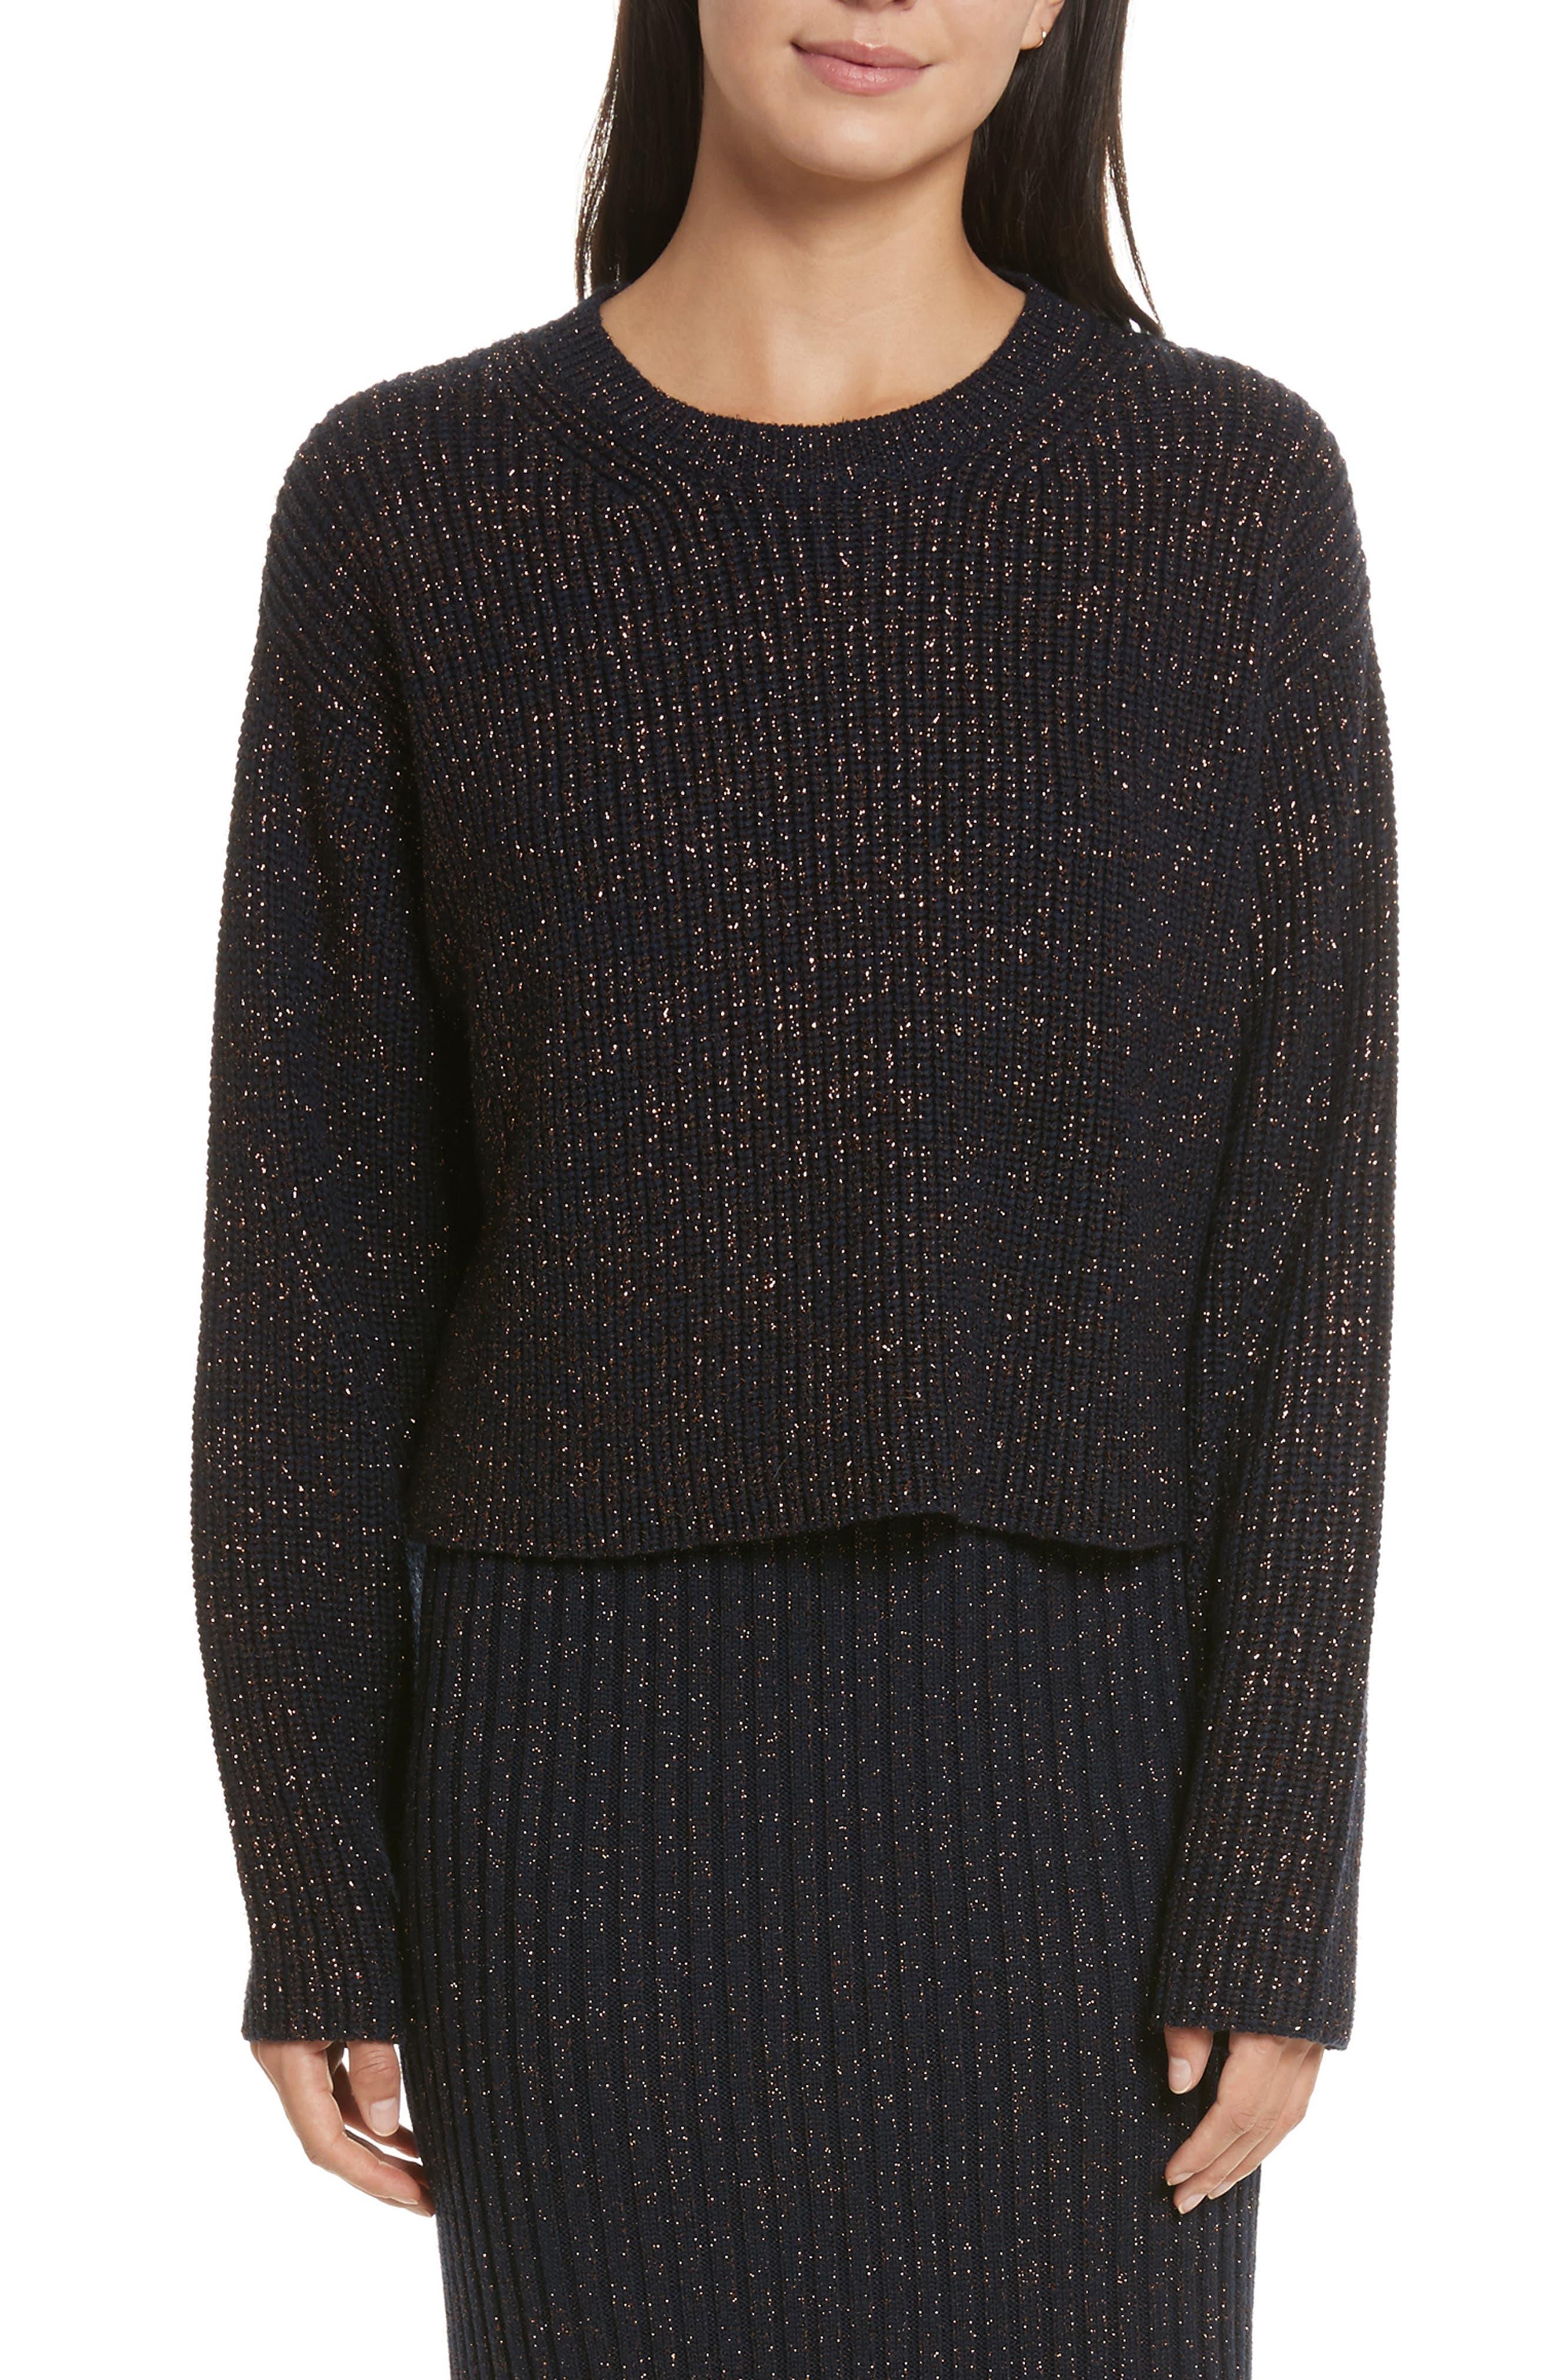 Main Image - rag & bone Leyton Metallic Knit Merino Wool Blend Sweater